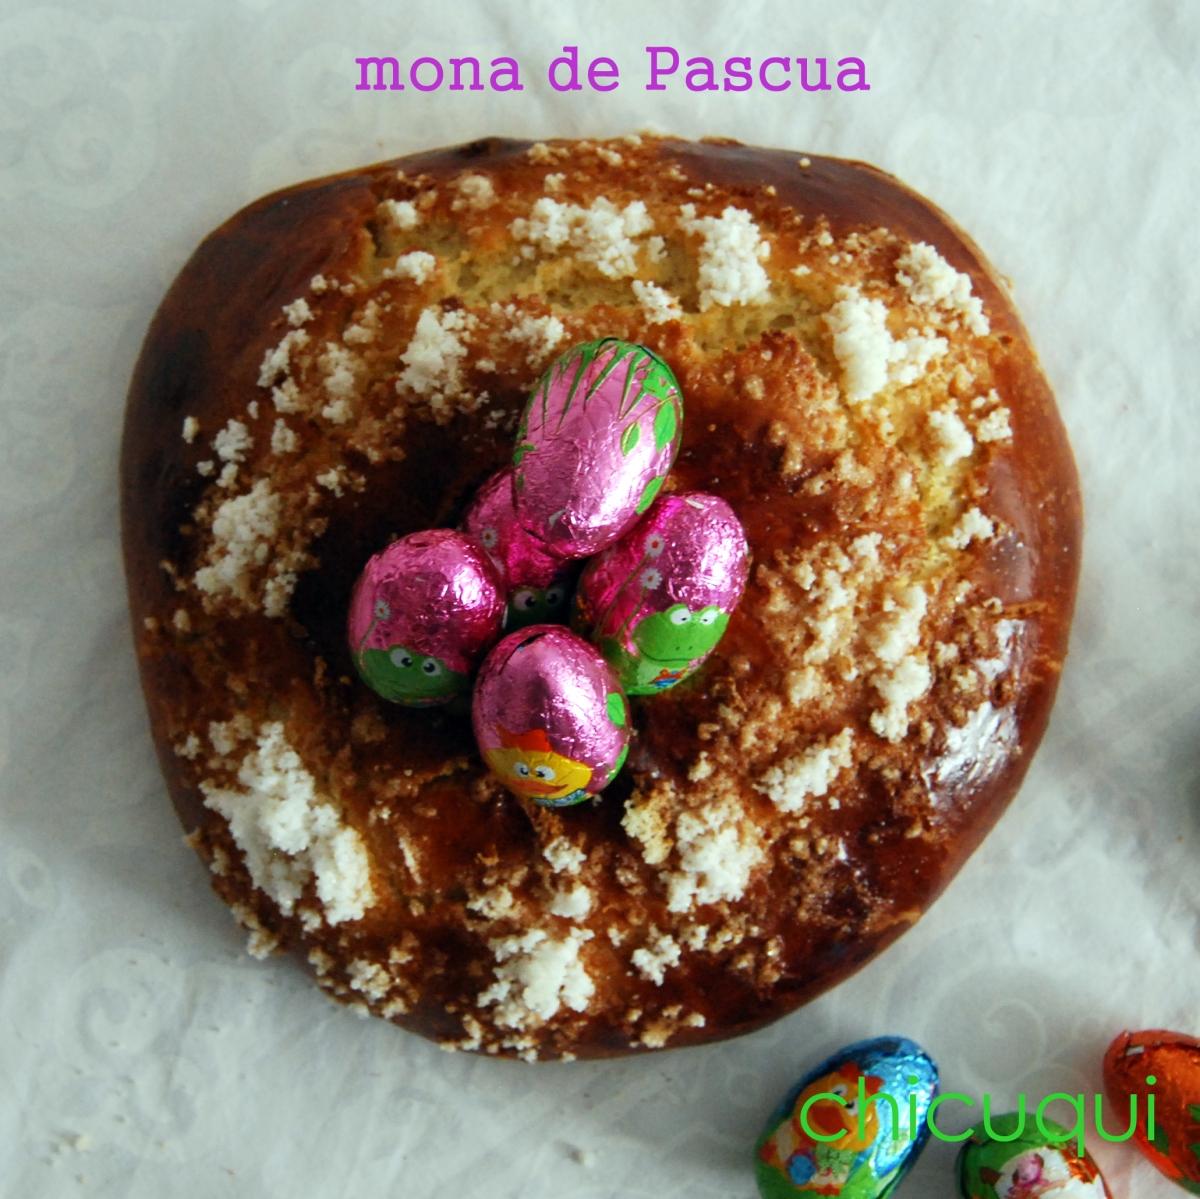 Receta de Mona de Pascua casera